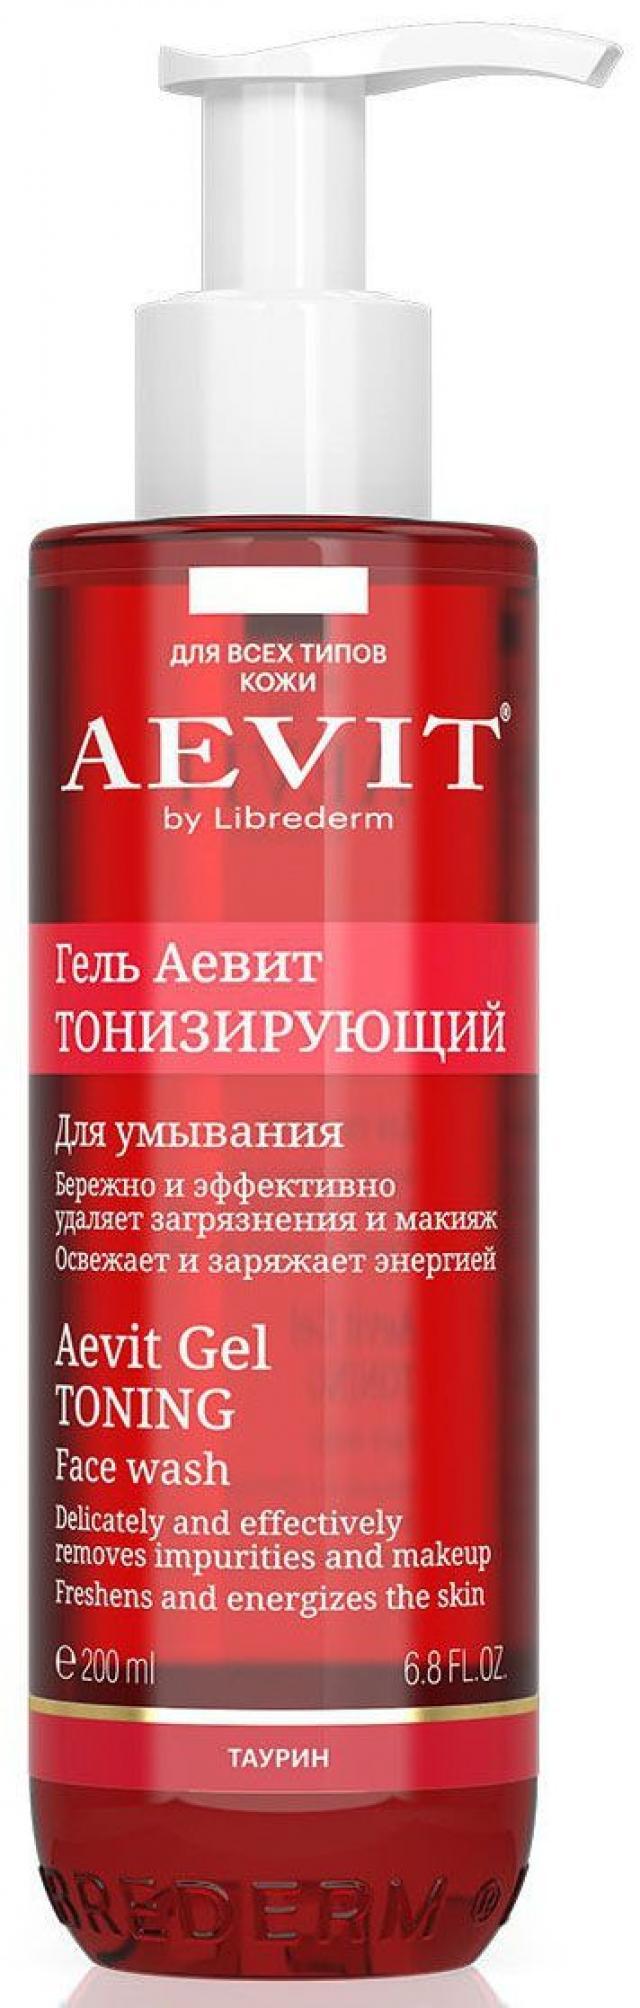 Либридерм гель для умывания Аевит тониз. 200мл купить в Москве по цене от 194 рублей